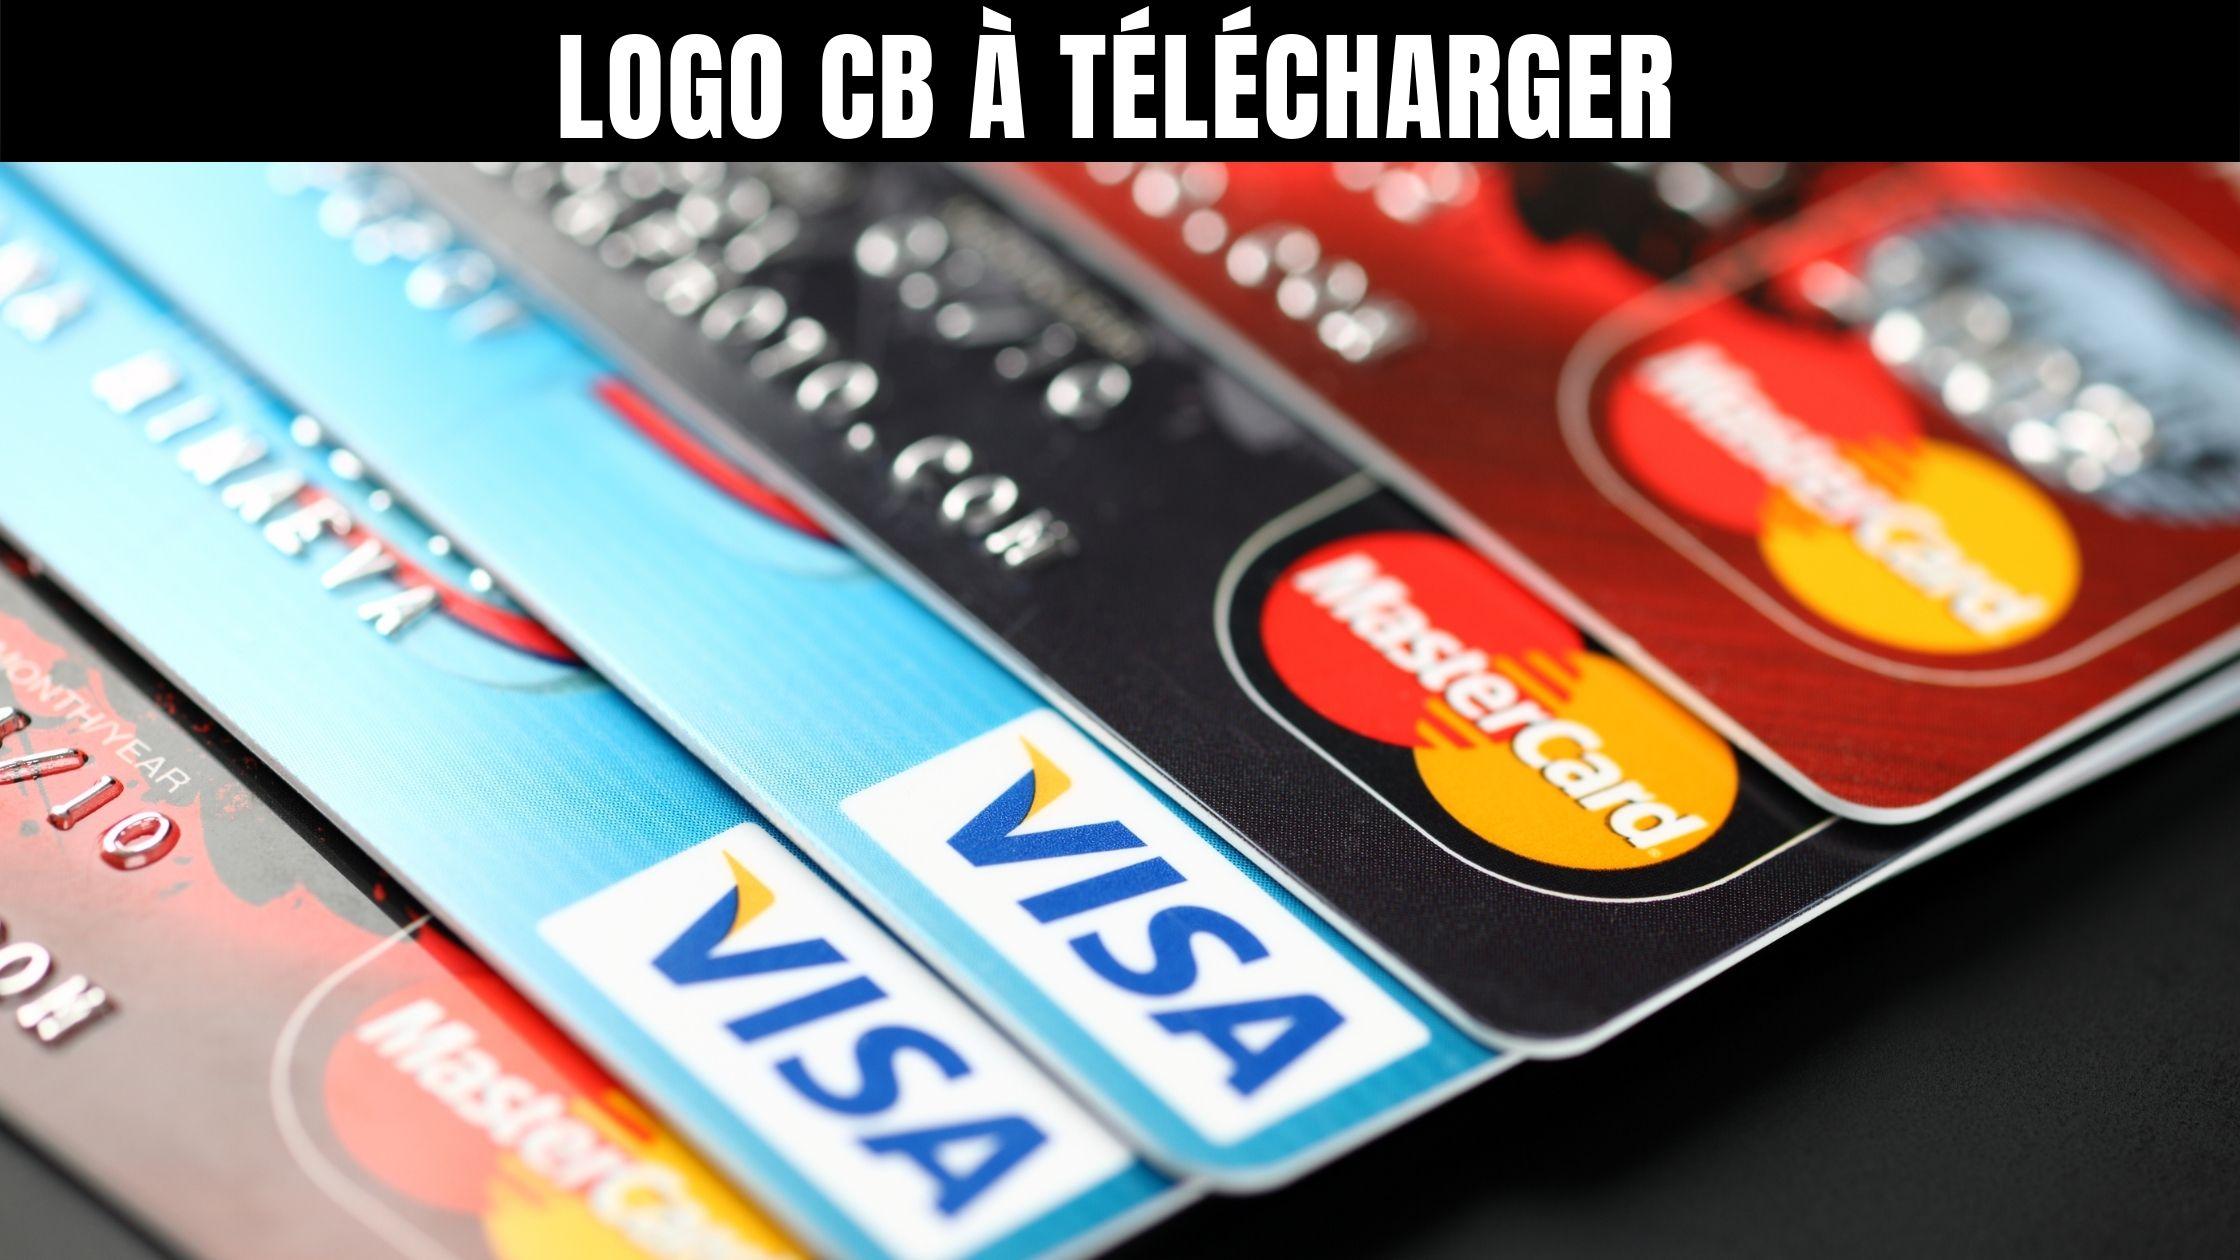 télécharger des logo cb